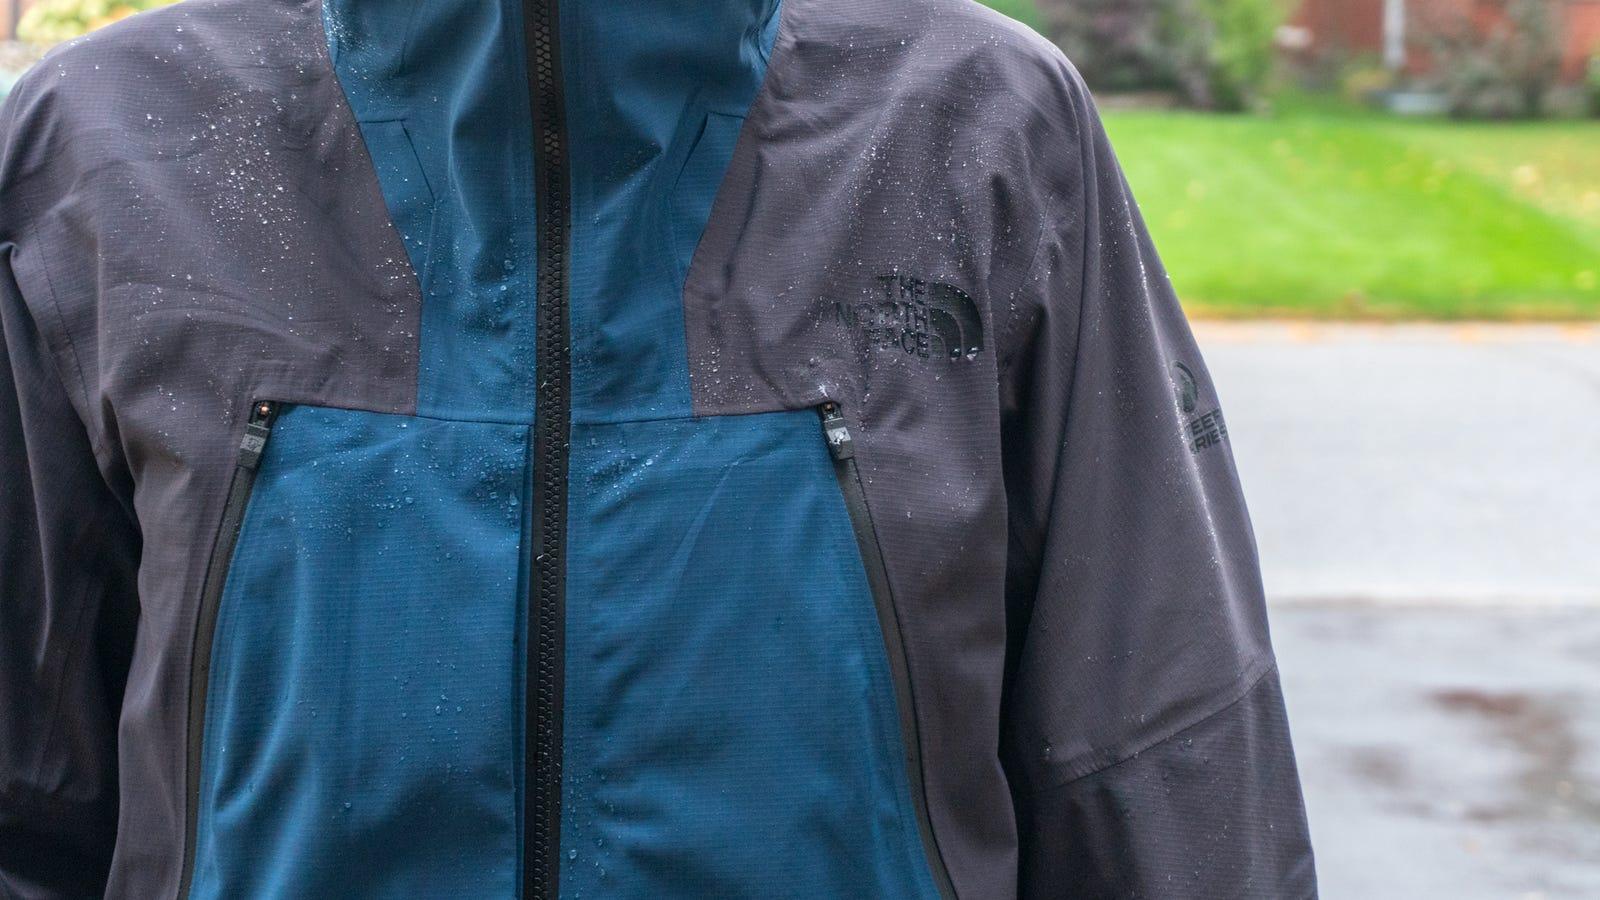 Illustration for article titled The North Faces Futurelight Fabric Finally Makes Raincoats Feel Less Like a Plastic Bagi/ii/i